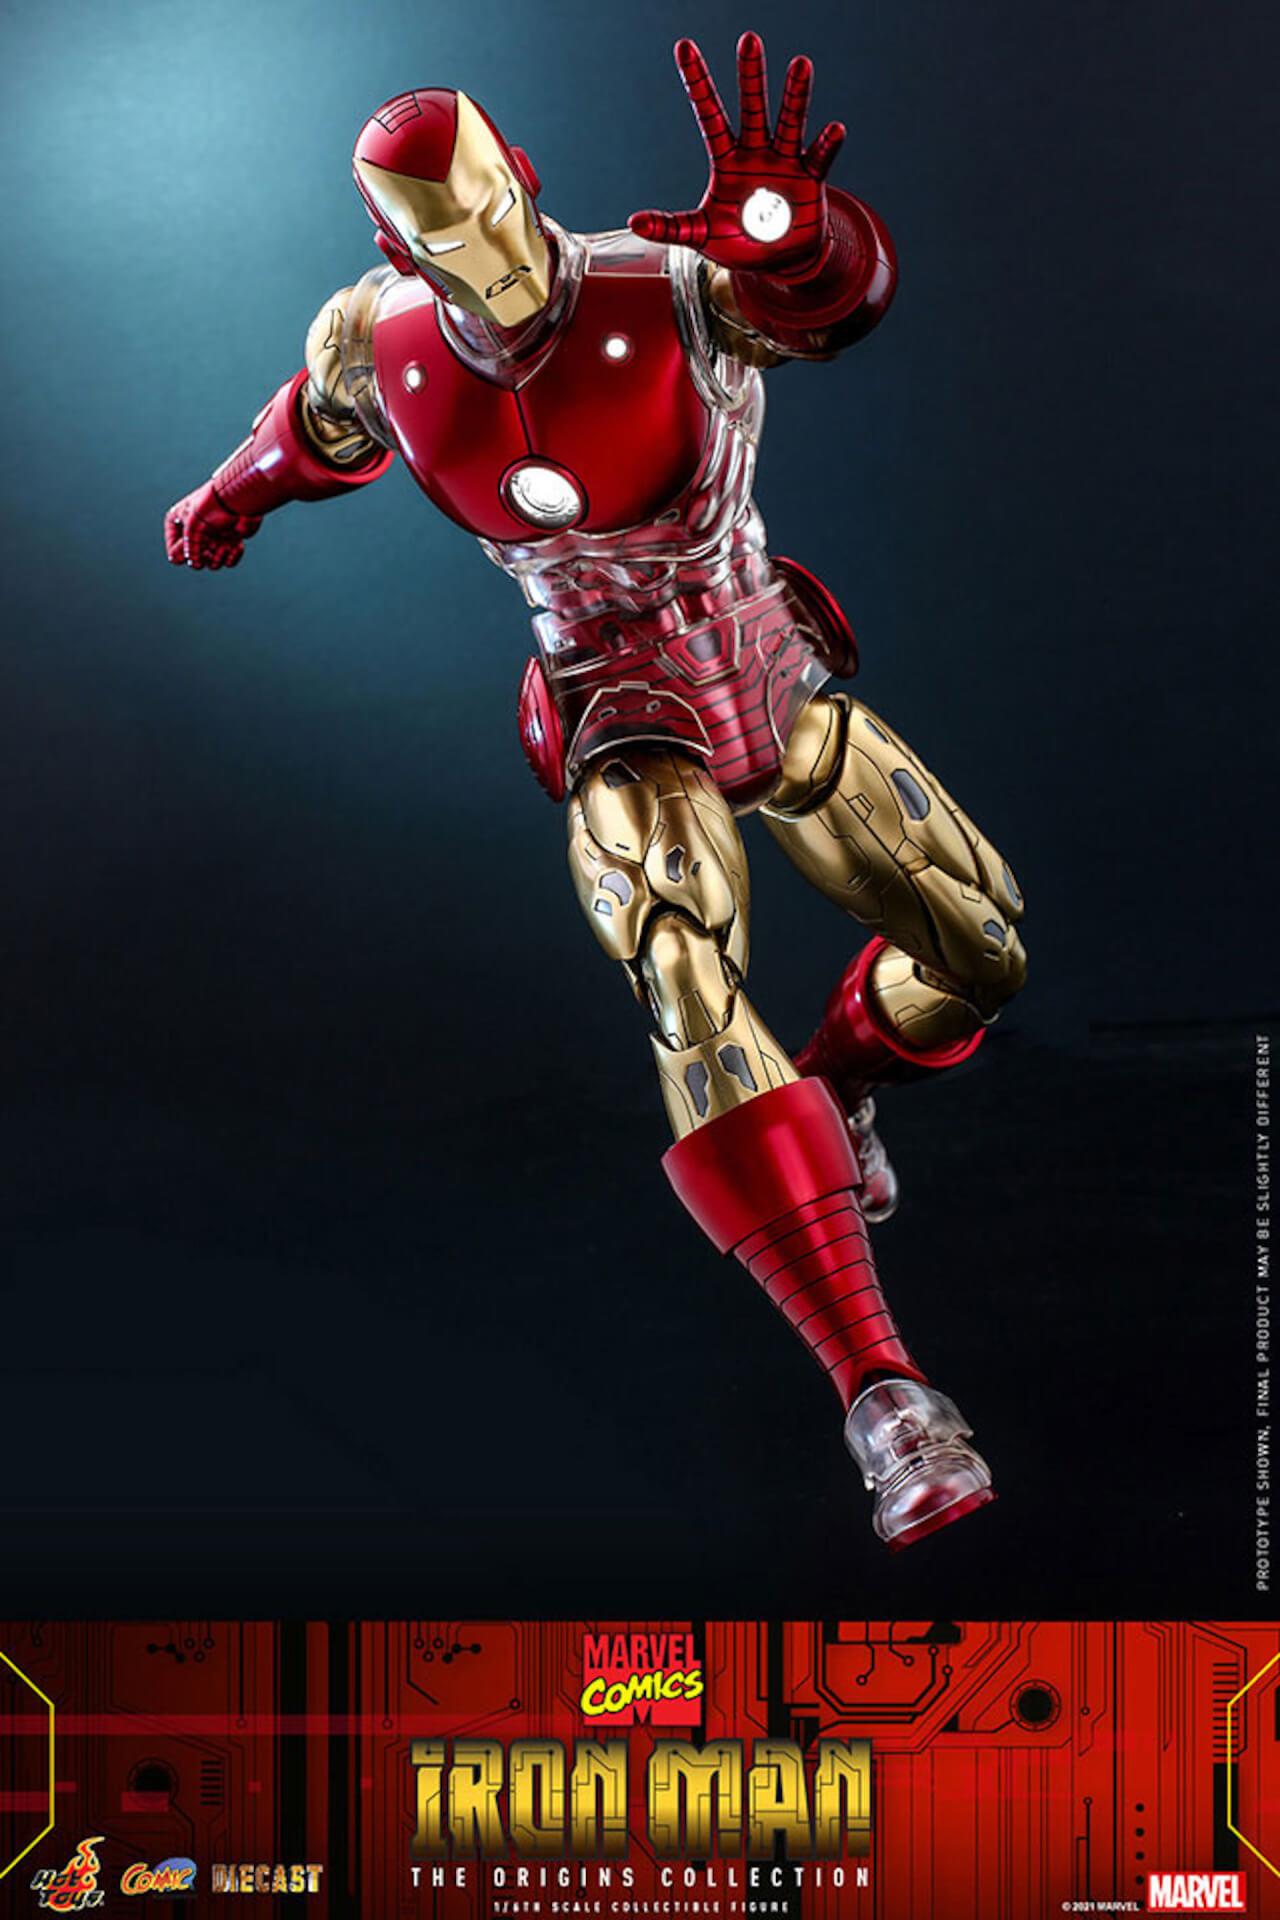 マーベルコミック版のアイアンマンをリアルに再現!ホットトイズ「コミック・マスターピース DIECAST」に登場 art210414_ironman_hottoys_7